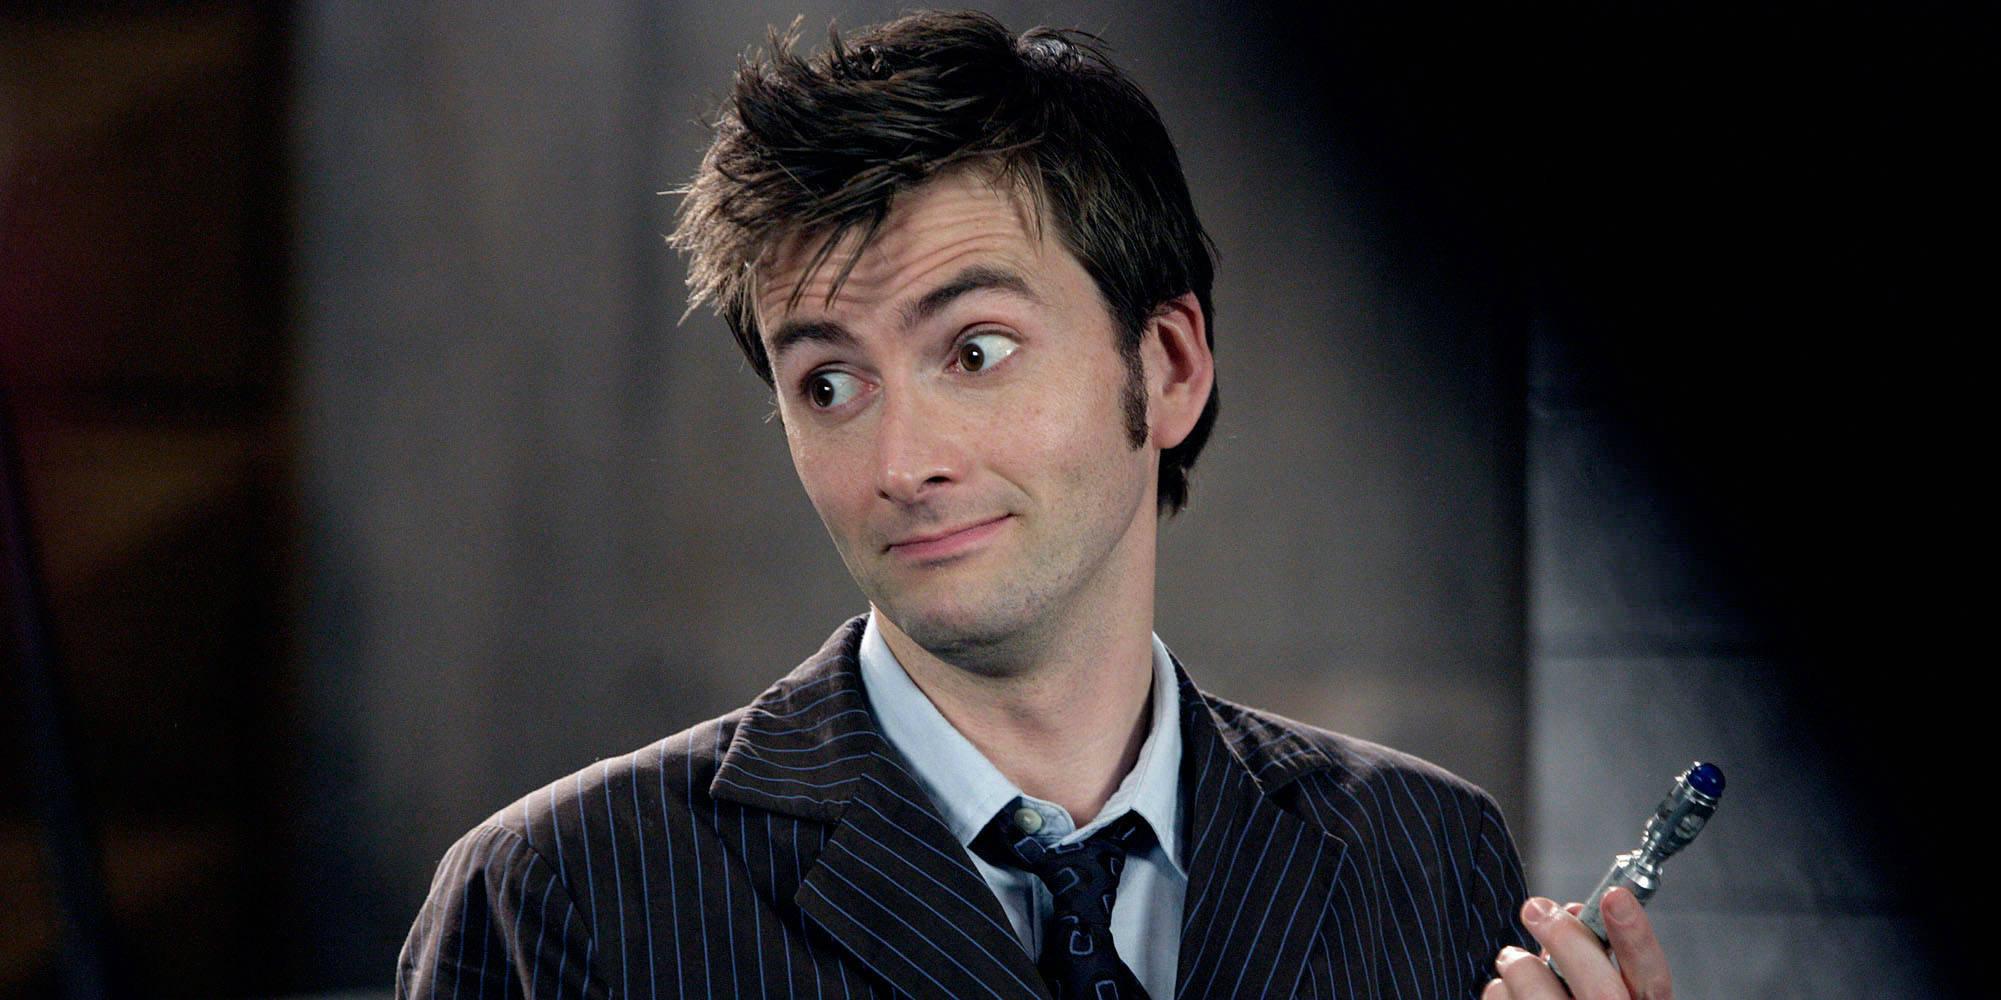 Фанаты назвали лучшего Доктора Кто. Результат крайне очевидный